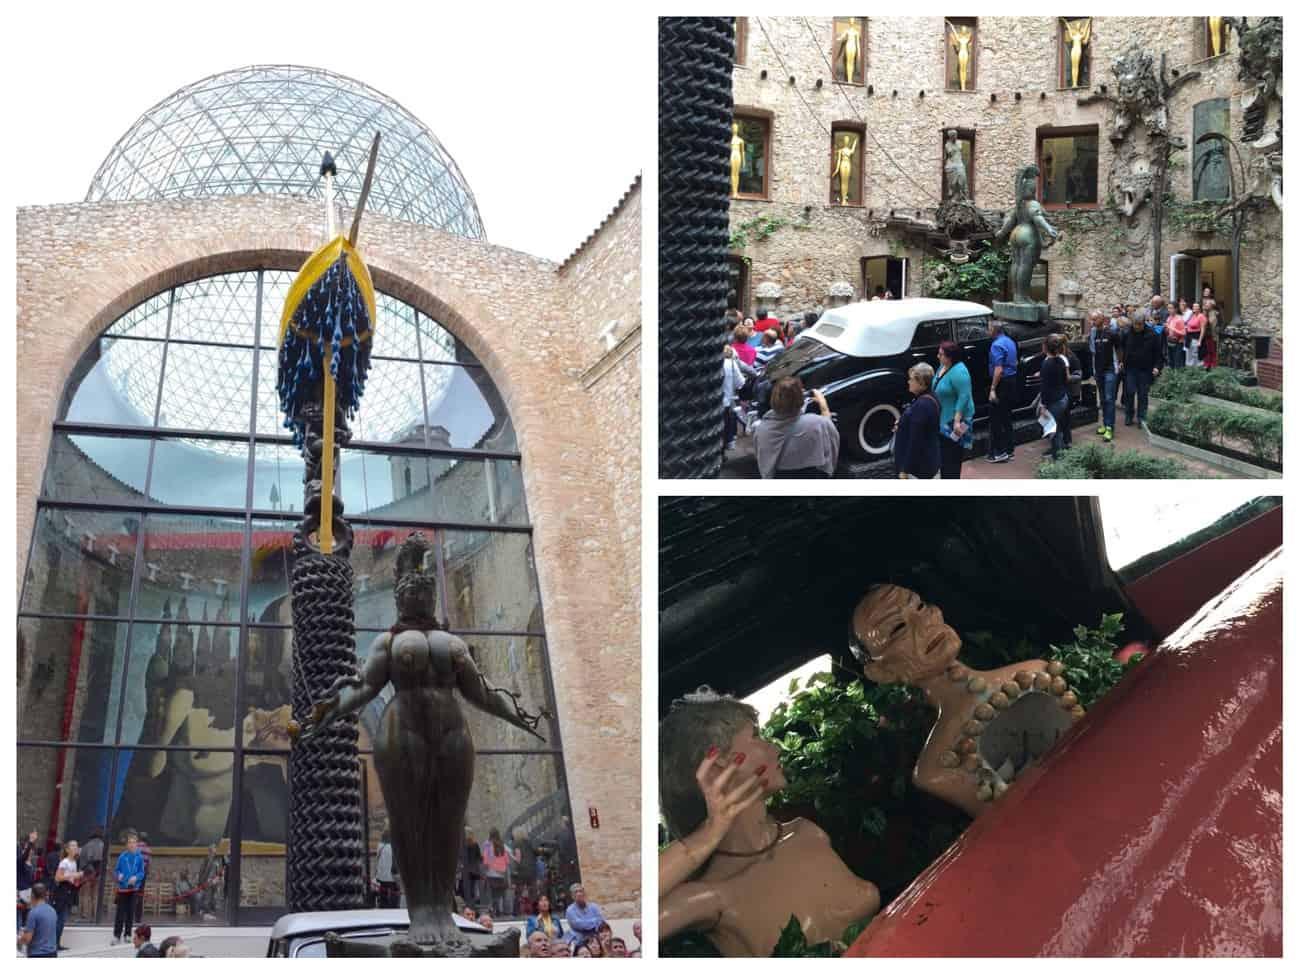 Dali Theatre Museum - atrium and Cadillac